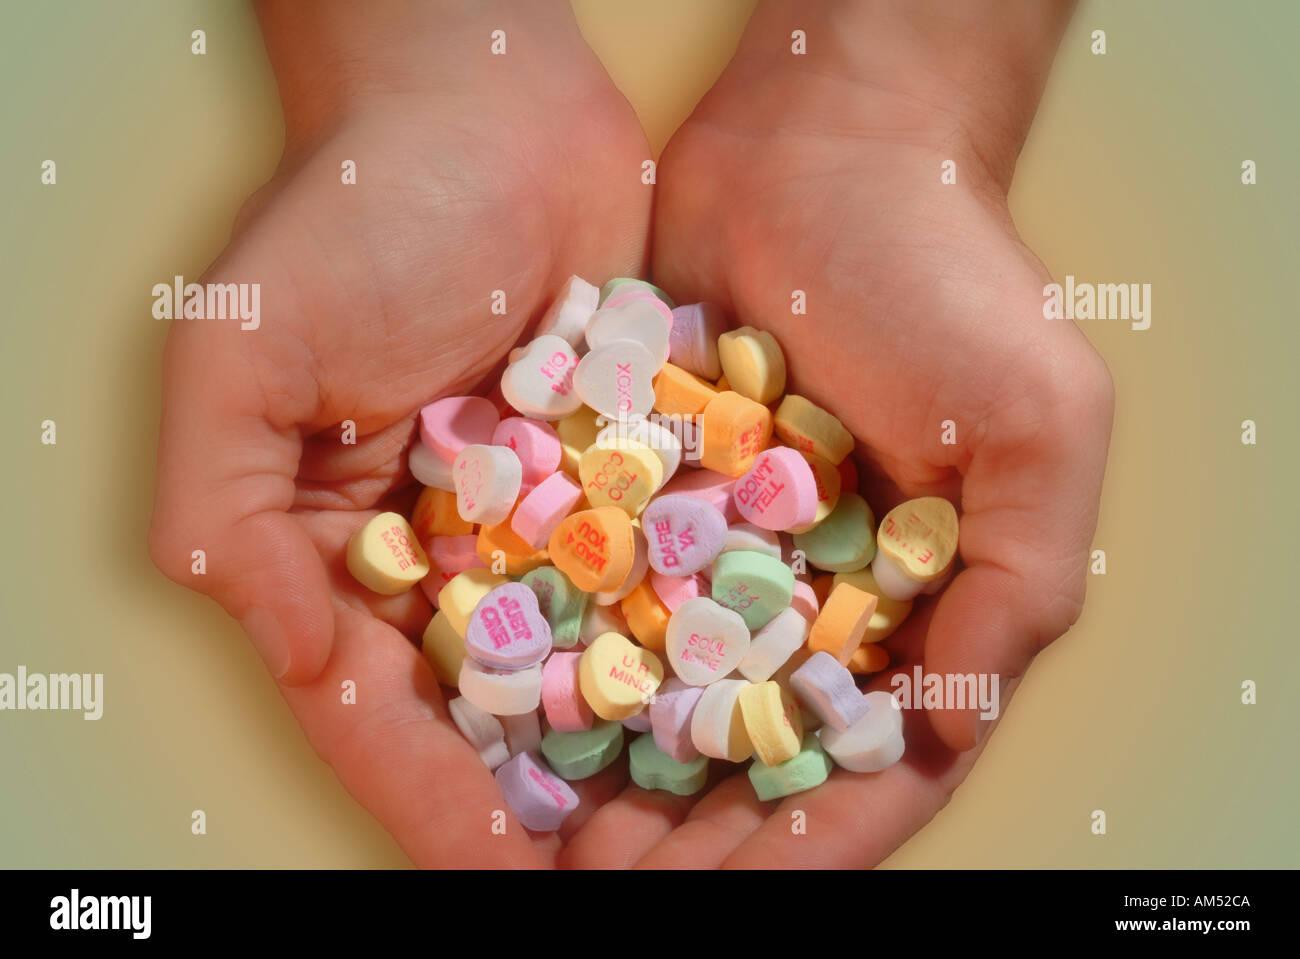 Poignée de bonbons en forme de coeur Valentine Photo Stock